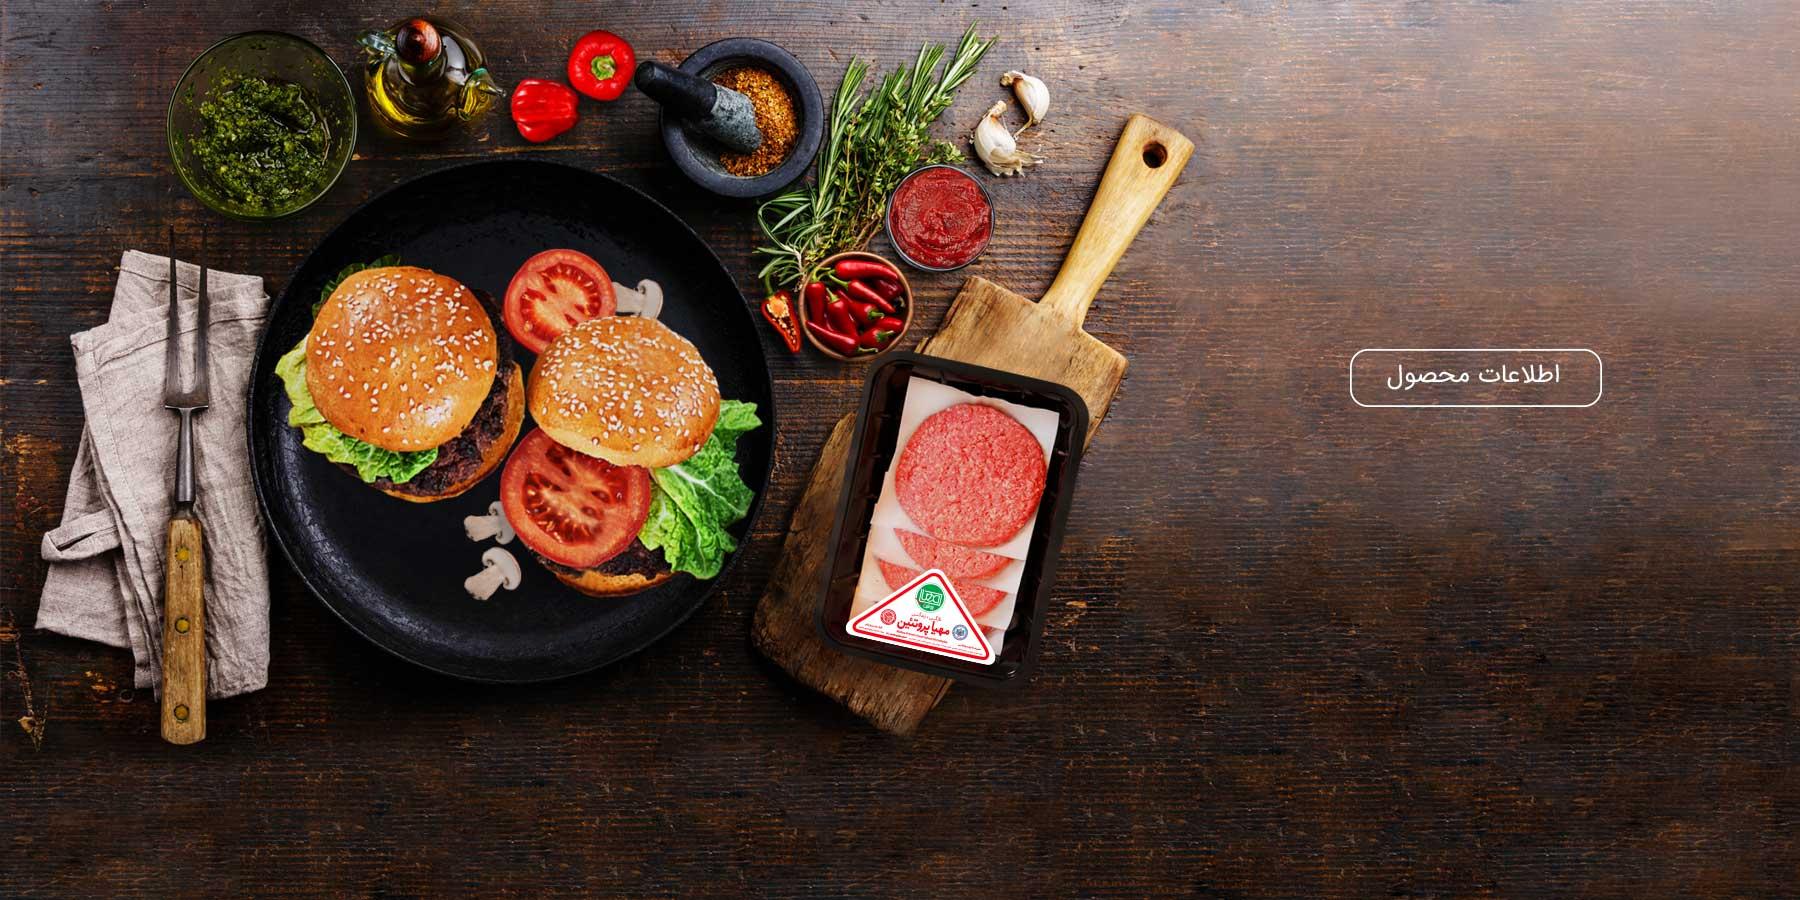 همبرگر تازه مهیا پروتئین